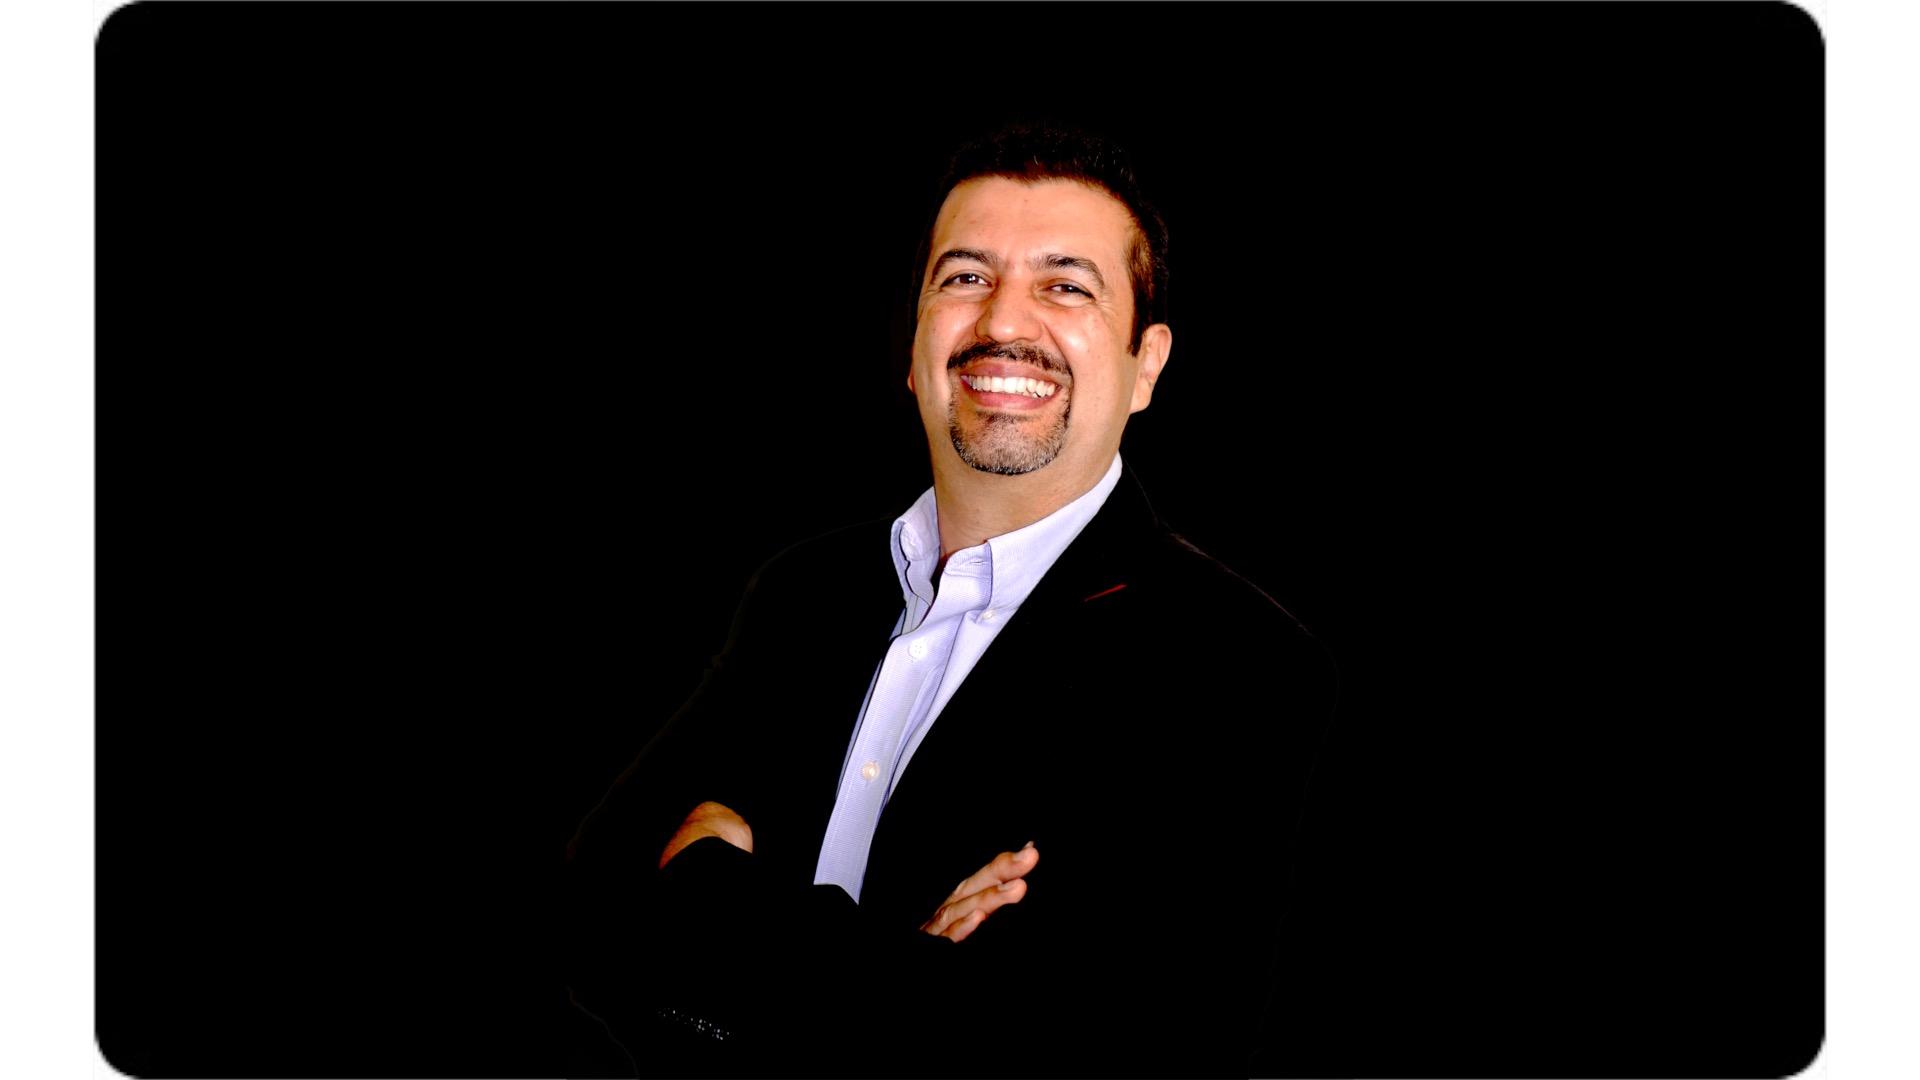 Hugo César Moreno Espinosa